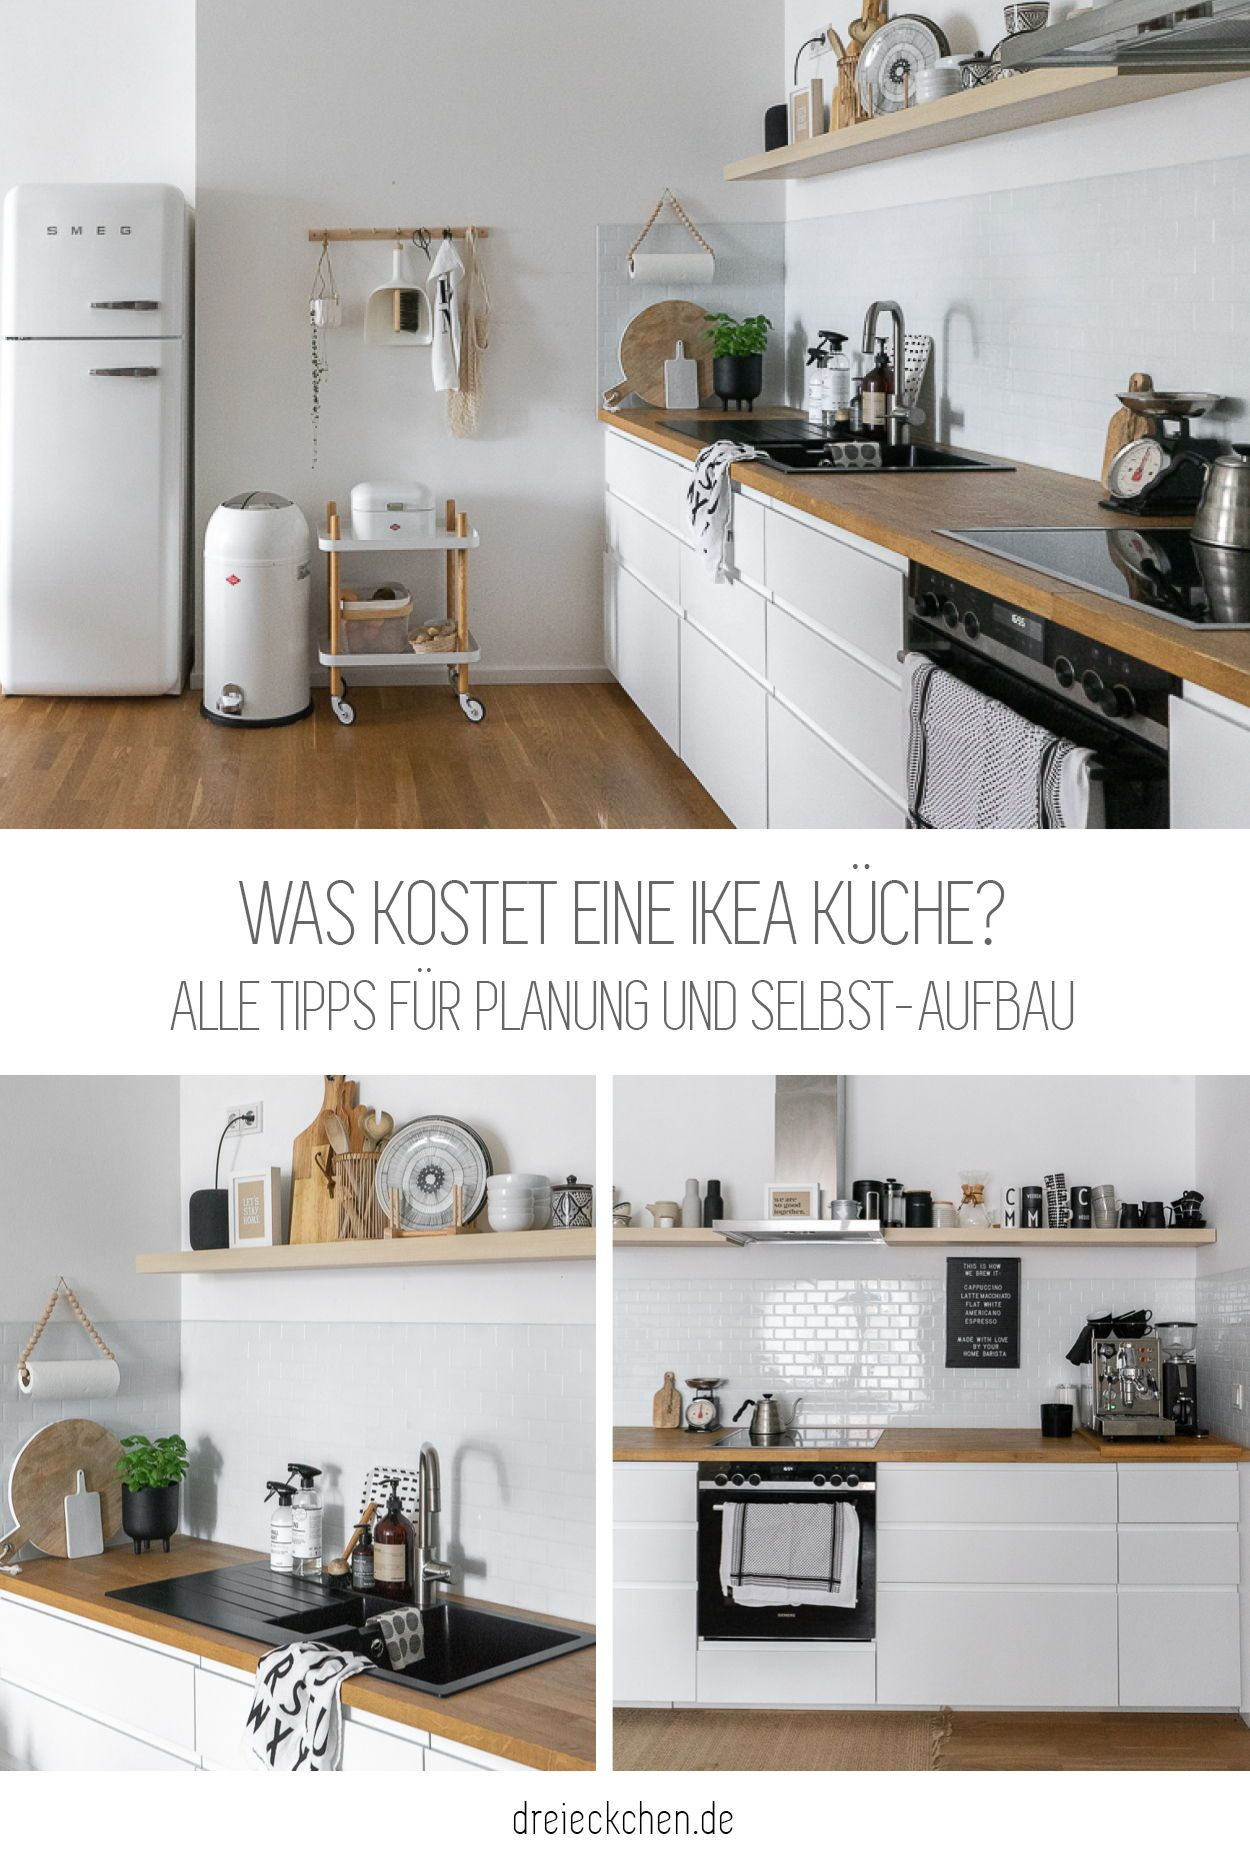 Was Kostet Eine Ikea Kuche In 2020 Ikea Kuche Kuche Aufbauen Kuche Planen